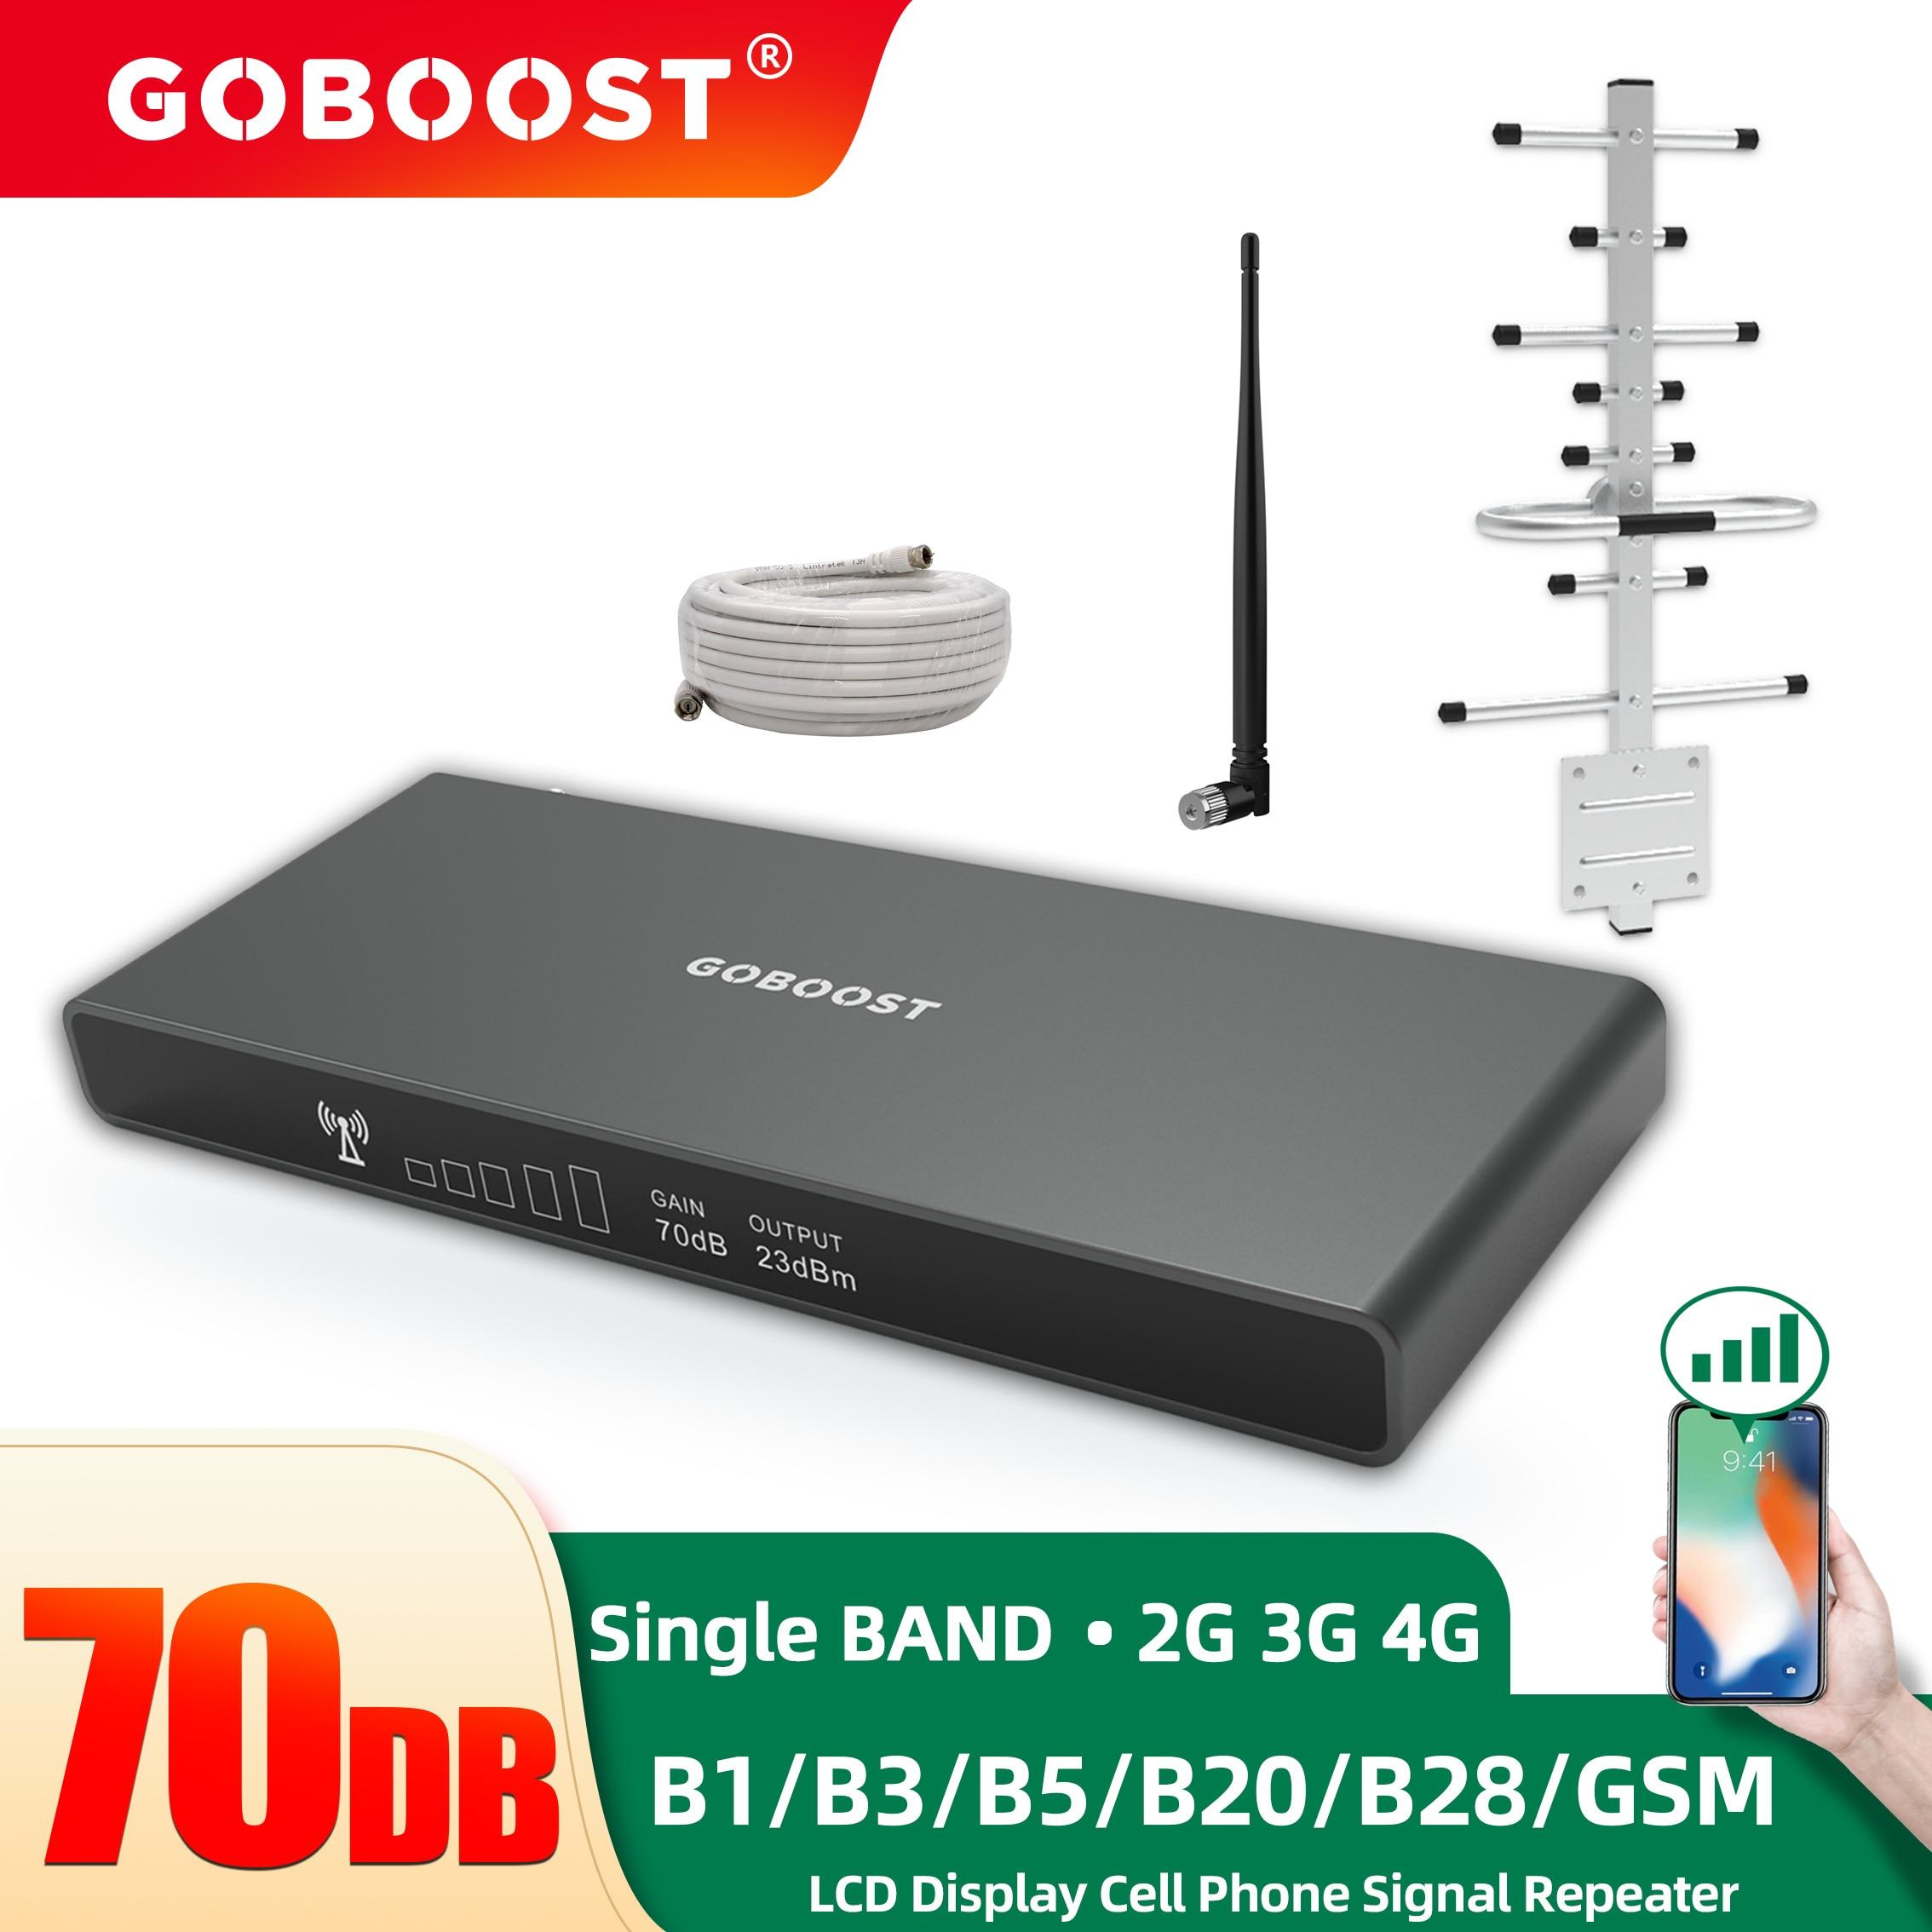 Усилитель сотовой связи GOBOOST 2G/3G, ретранслятор сигнала 4G антенна, GSM 850 LTE 700 800 1800 МГц